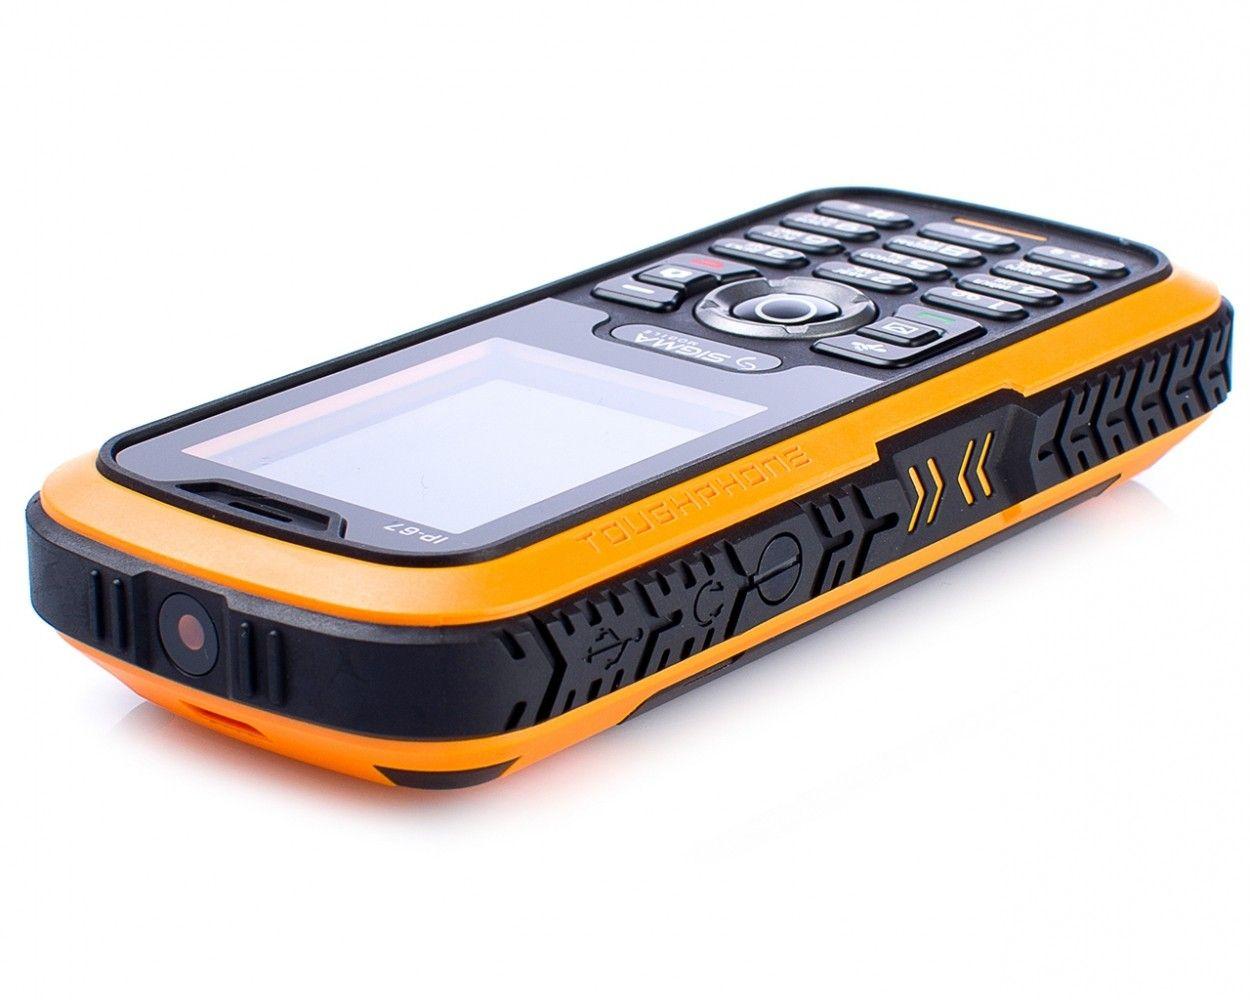 Мобильный телефон Sigma mobile X-treme IP67 Black Orange - 4